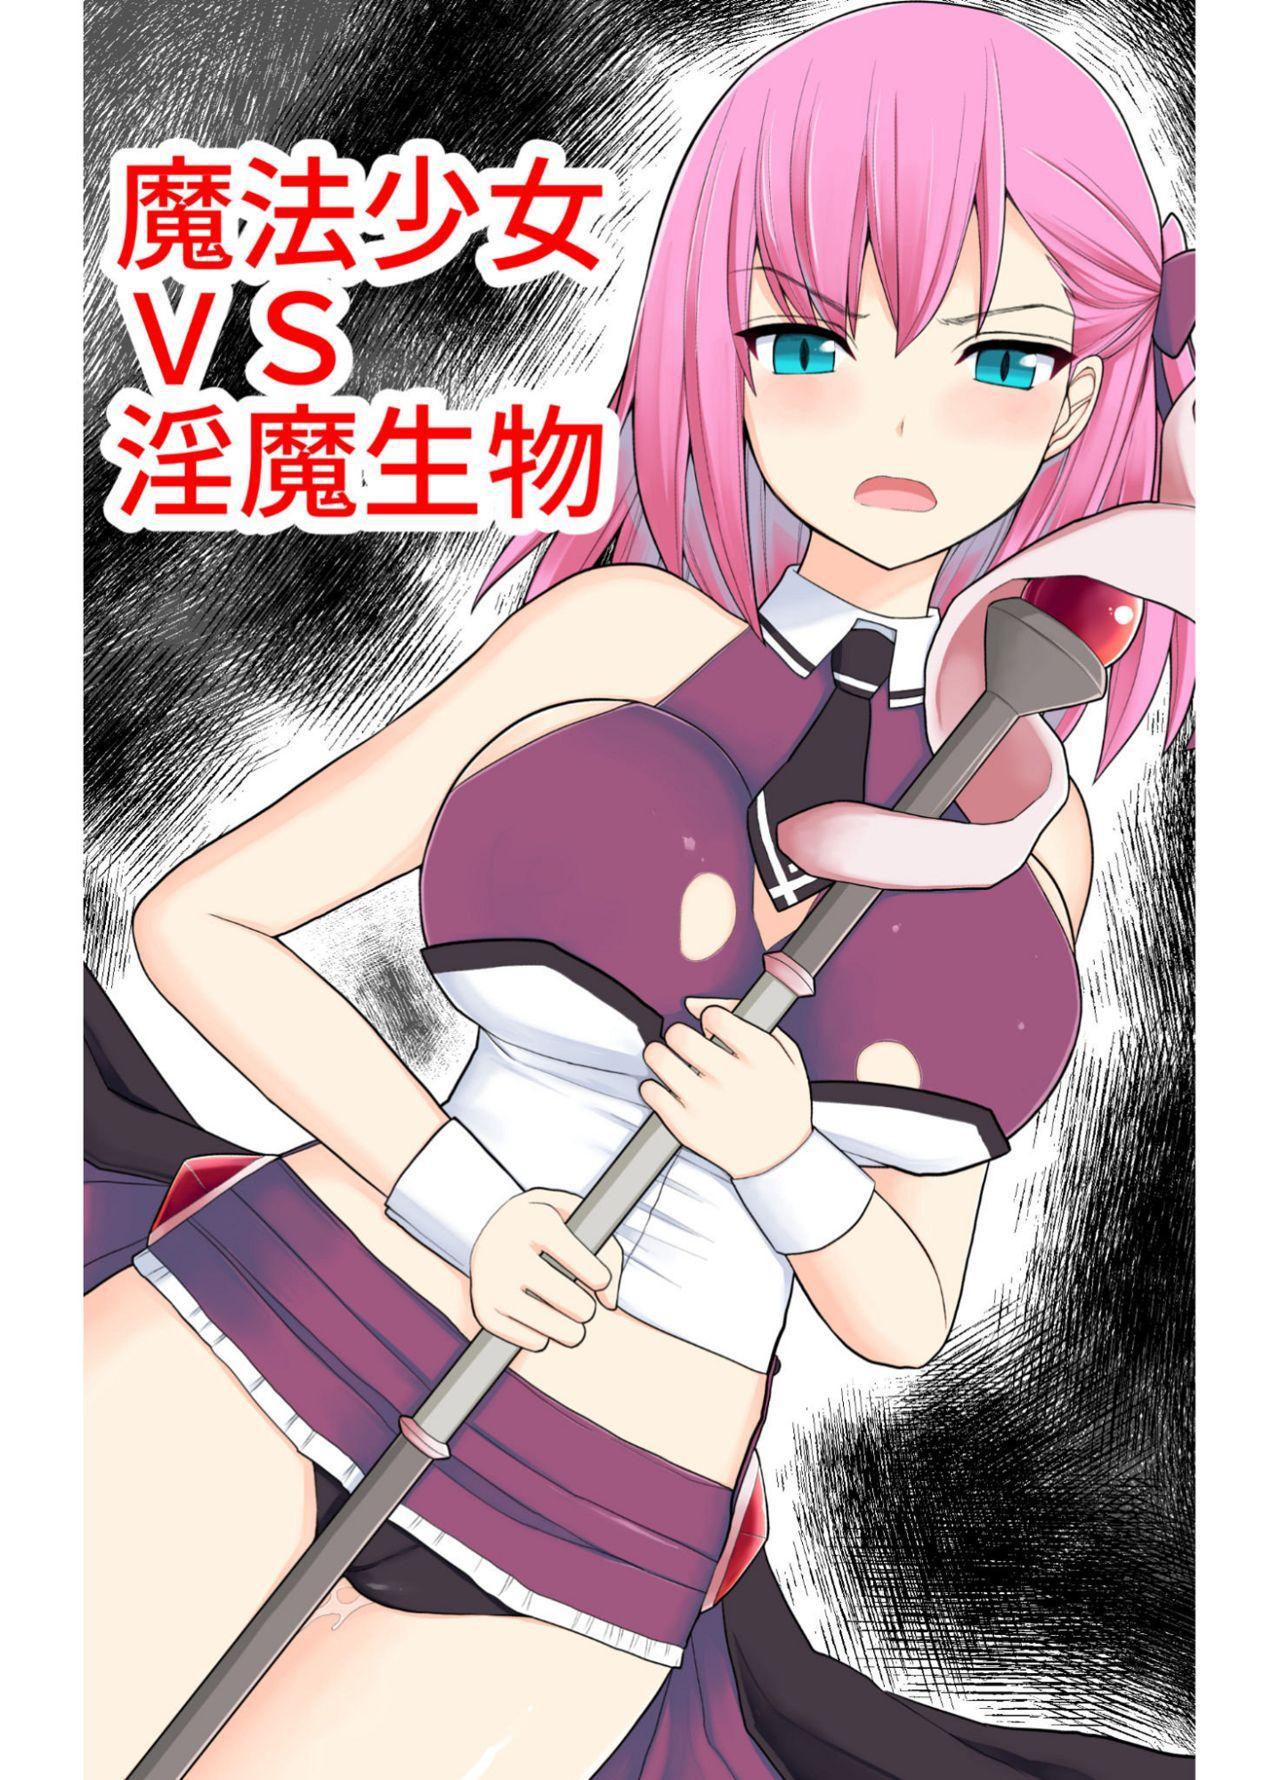 mahou shoujo VS inma seibutsu 0